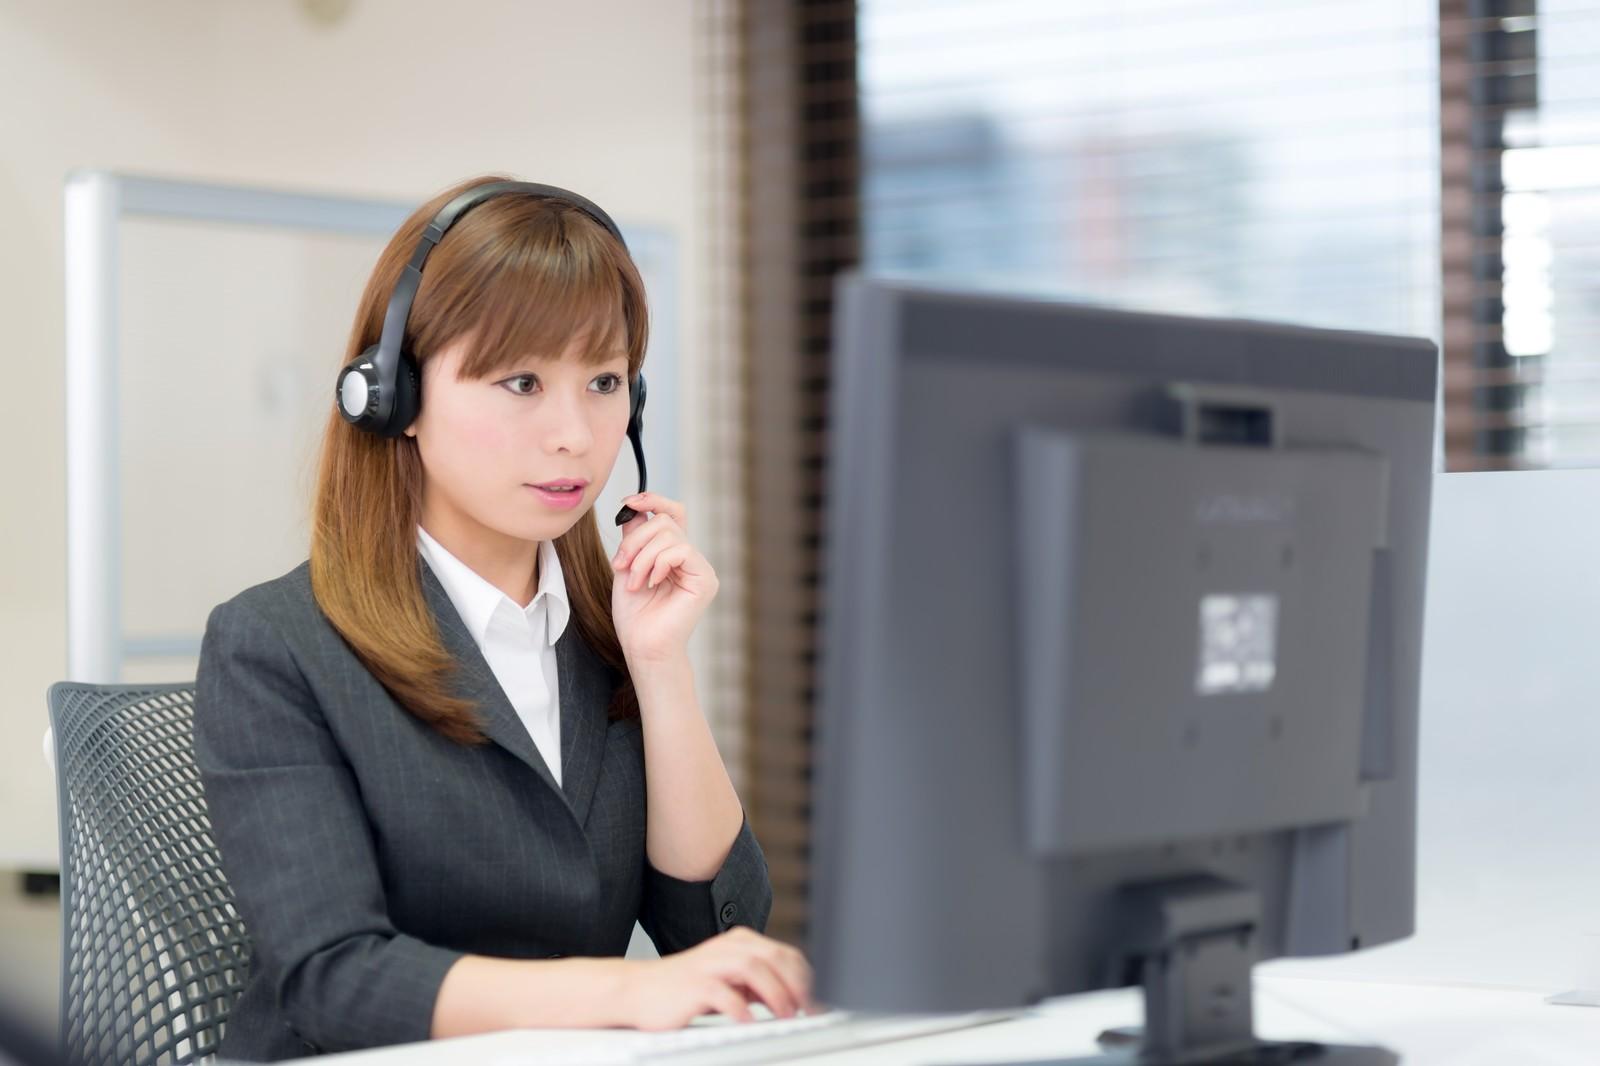 UQモバイルのコールセンターに速度制限について質問